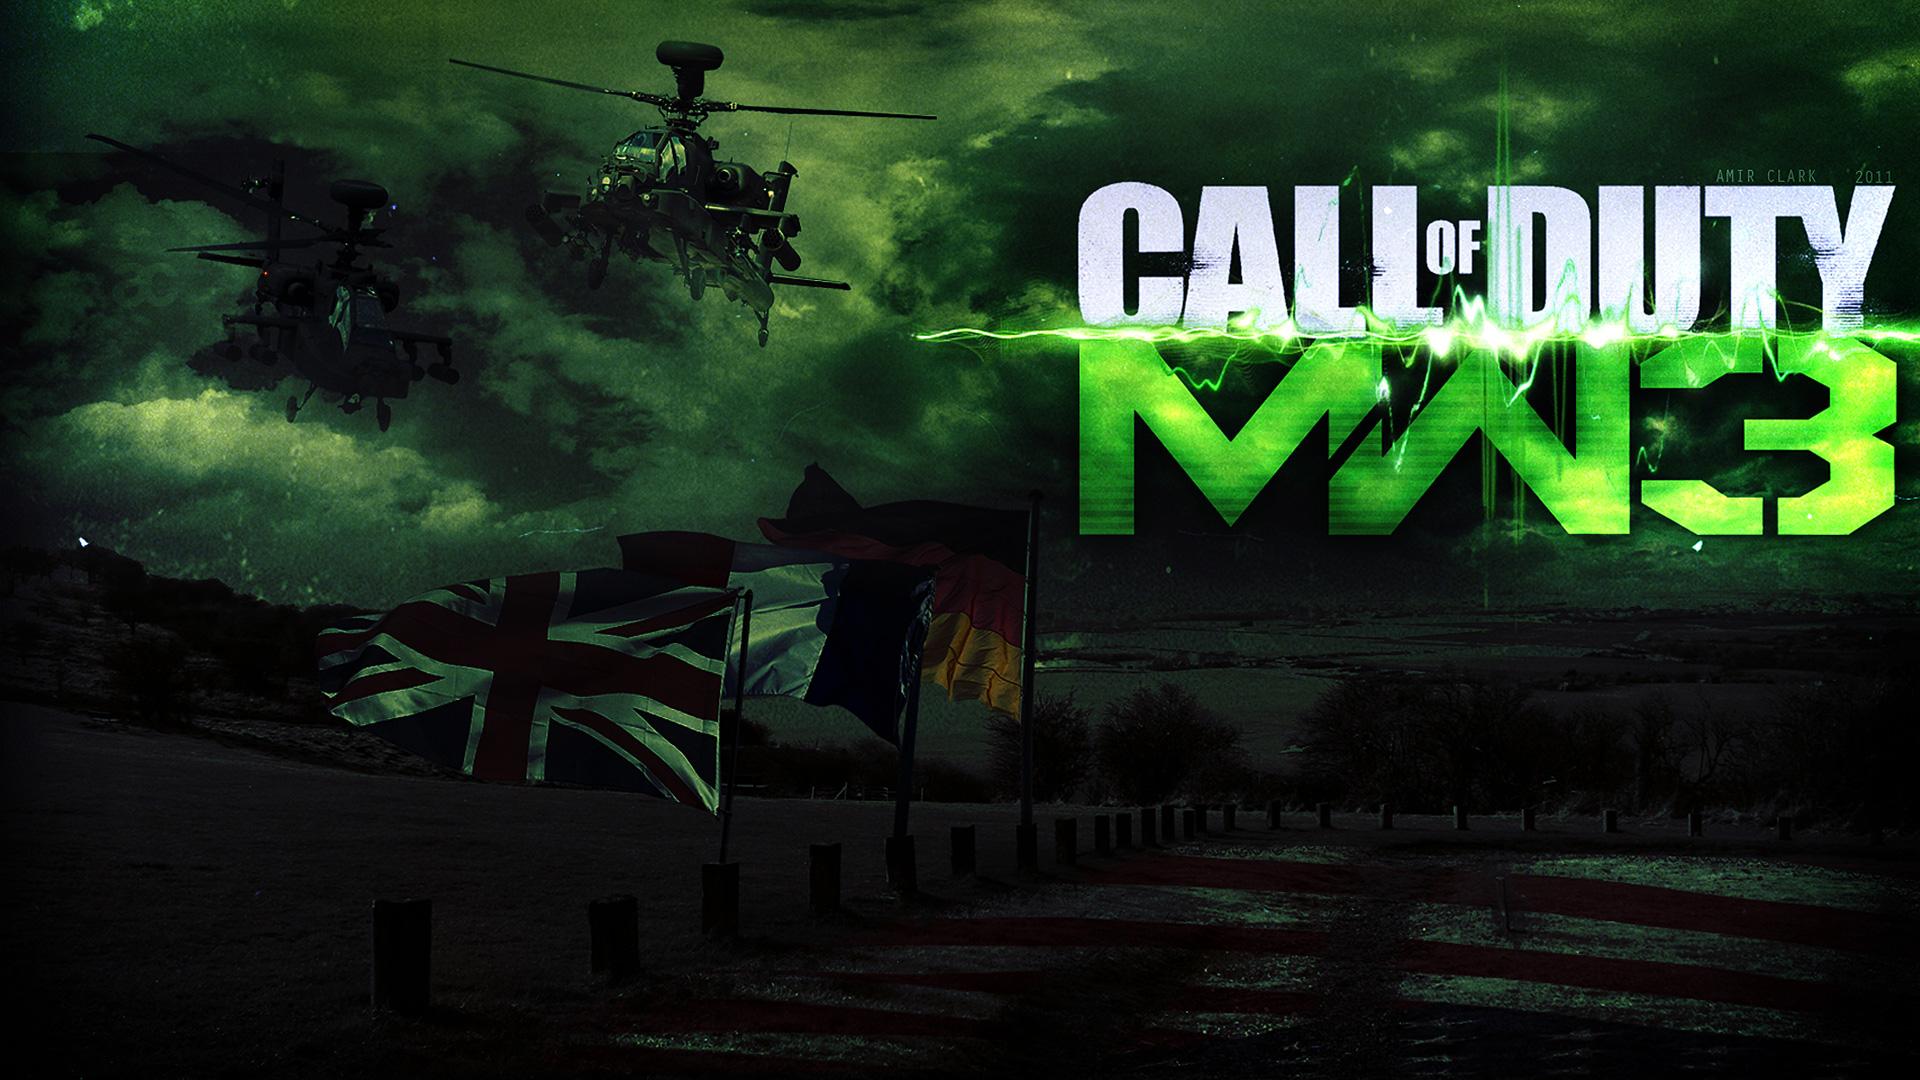 Call of Duty: Modern Warfare 3 Wallpaper in 1920x1080